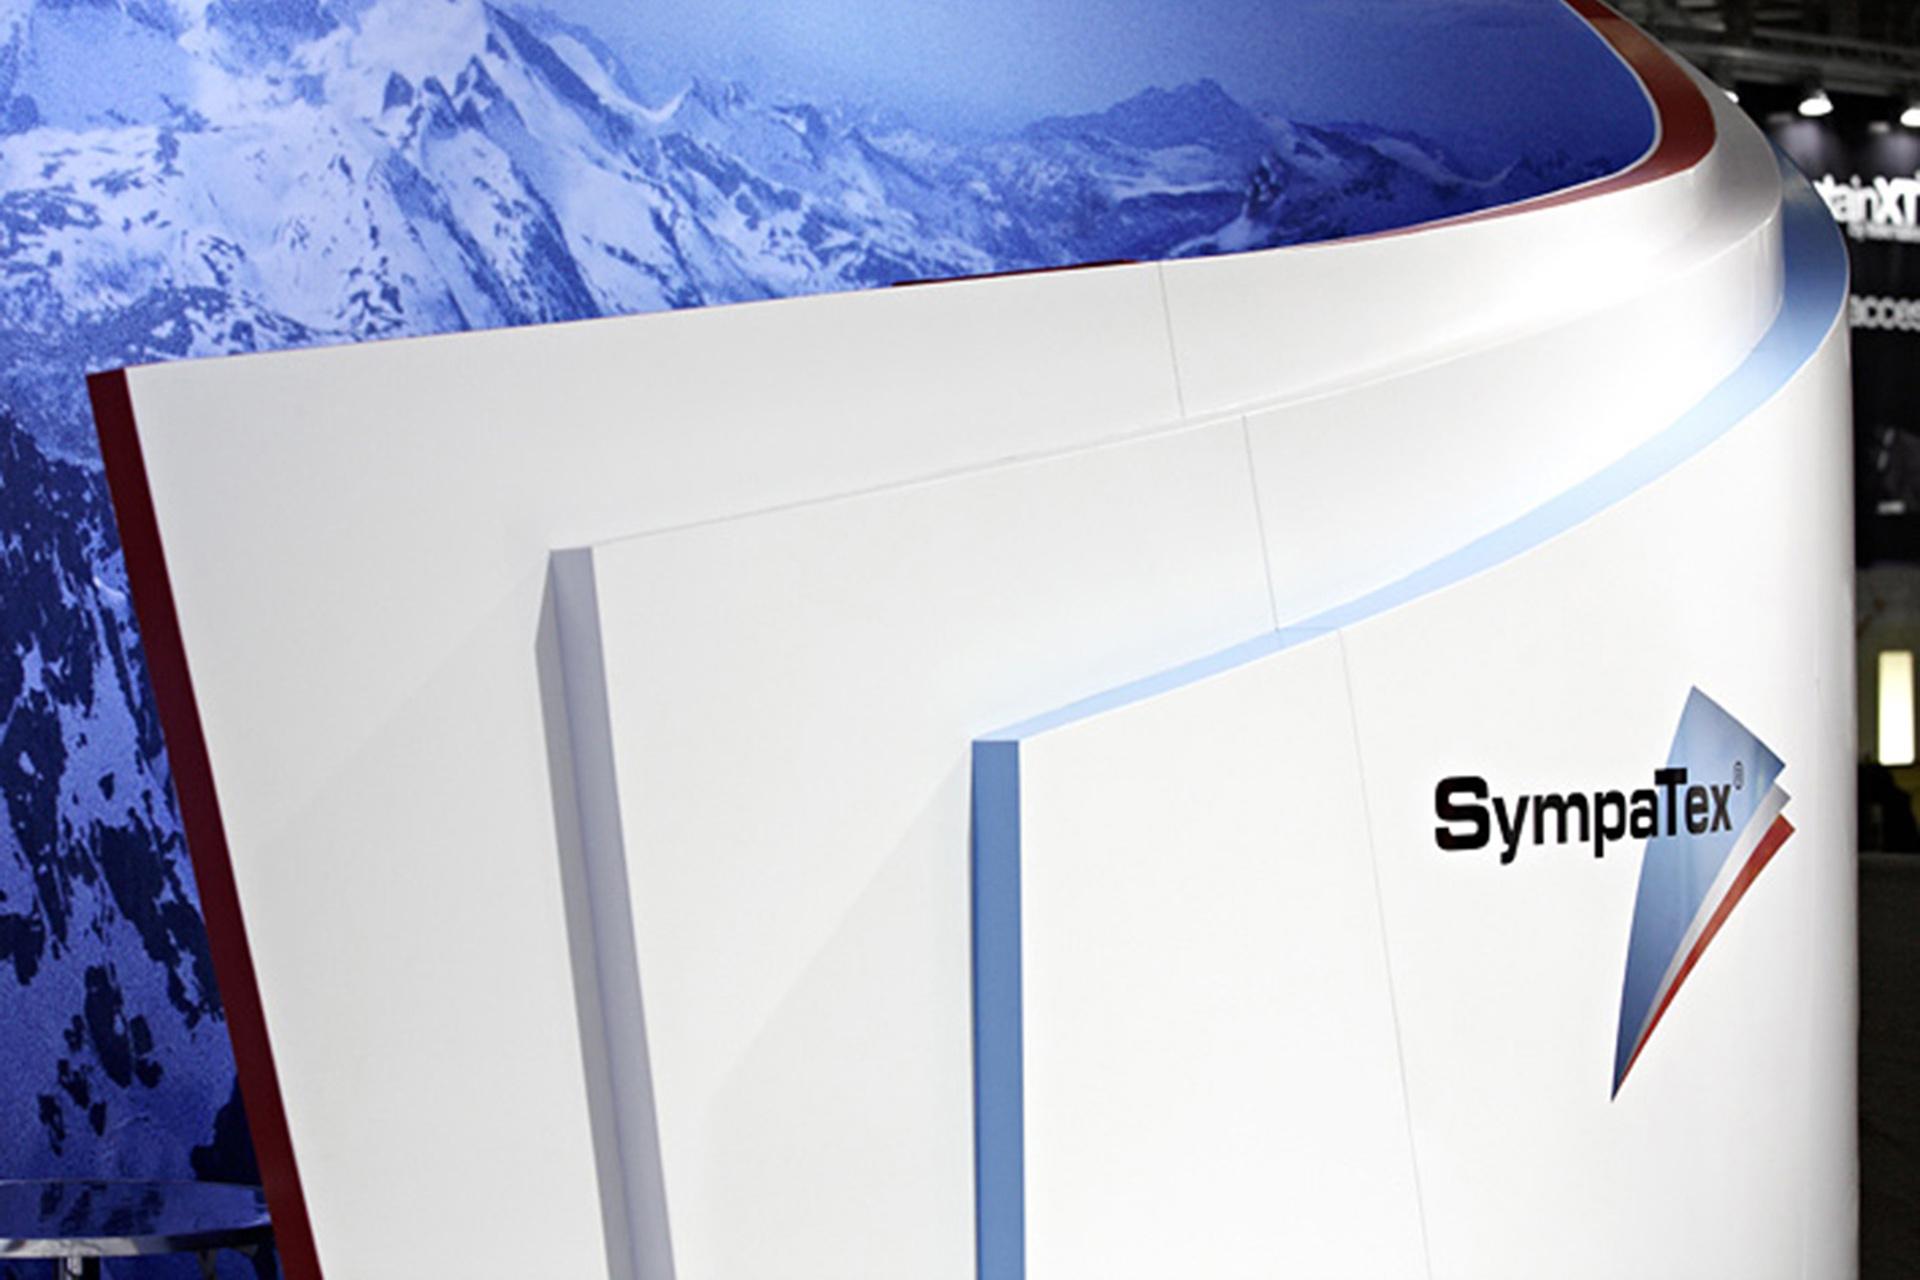 009-sympatex-ispo-trade-fair-design-buero-philipp-moeller-2012.jpg